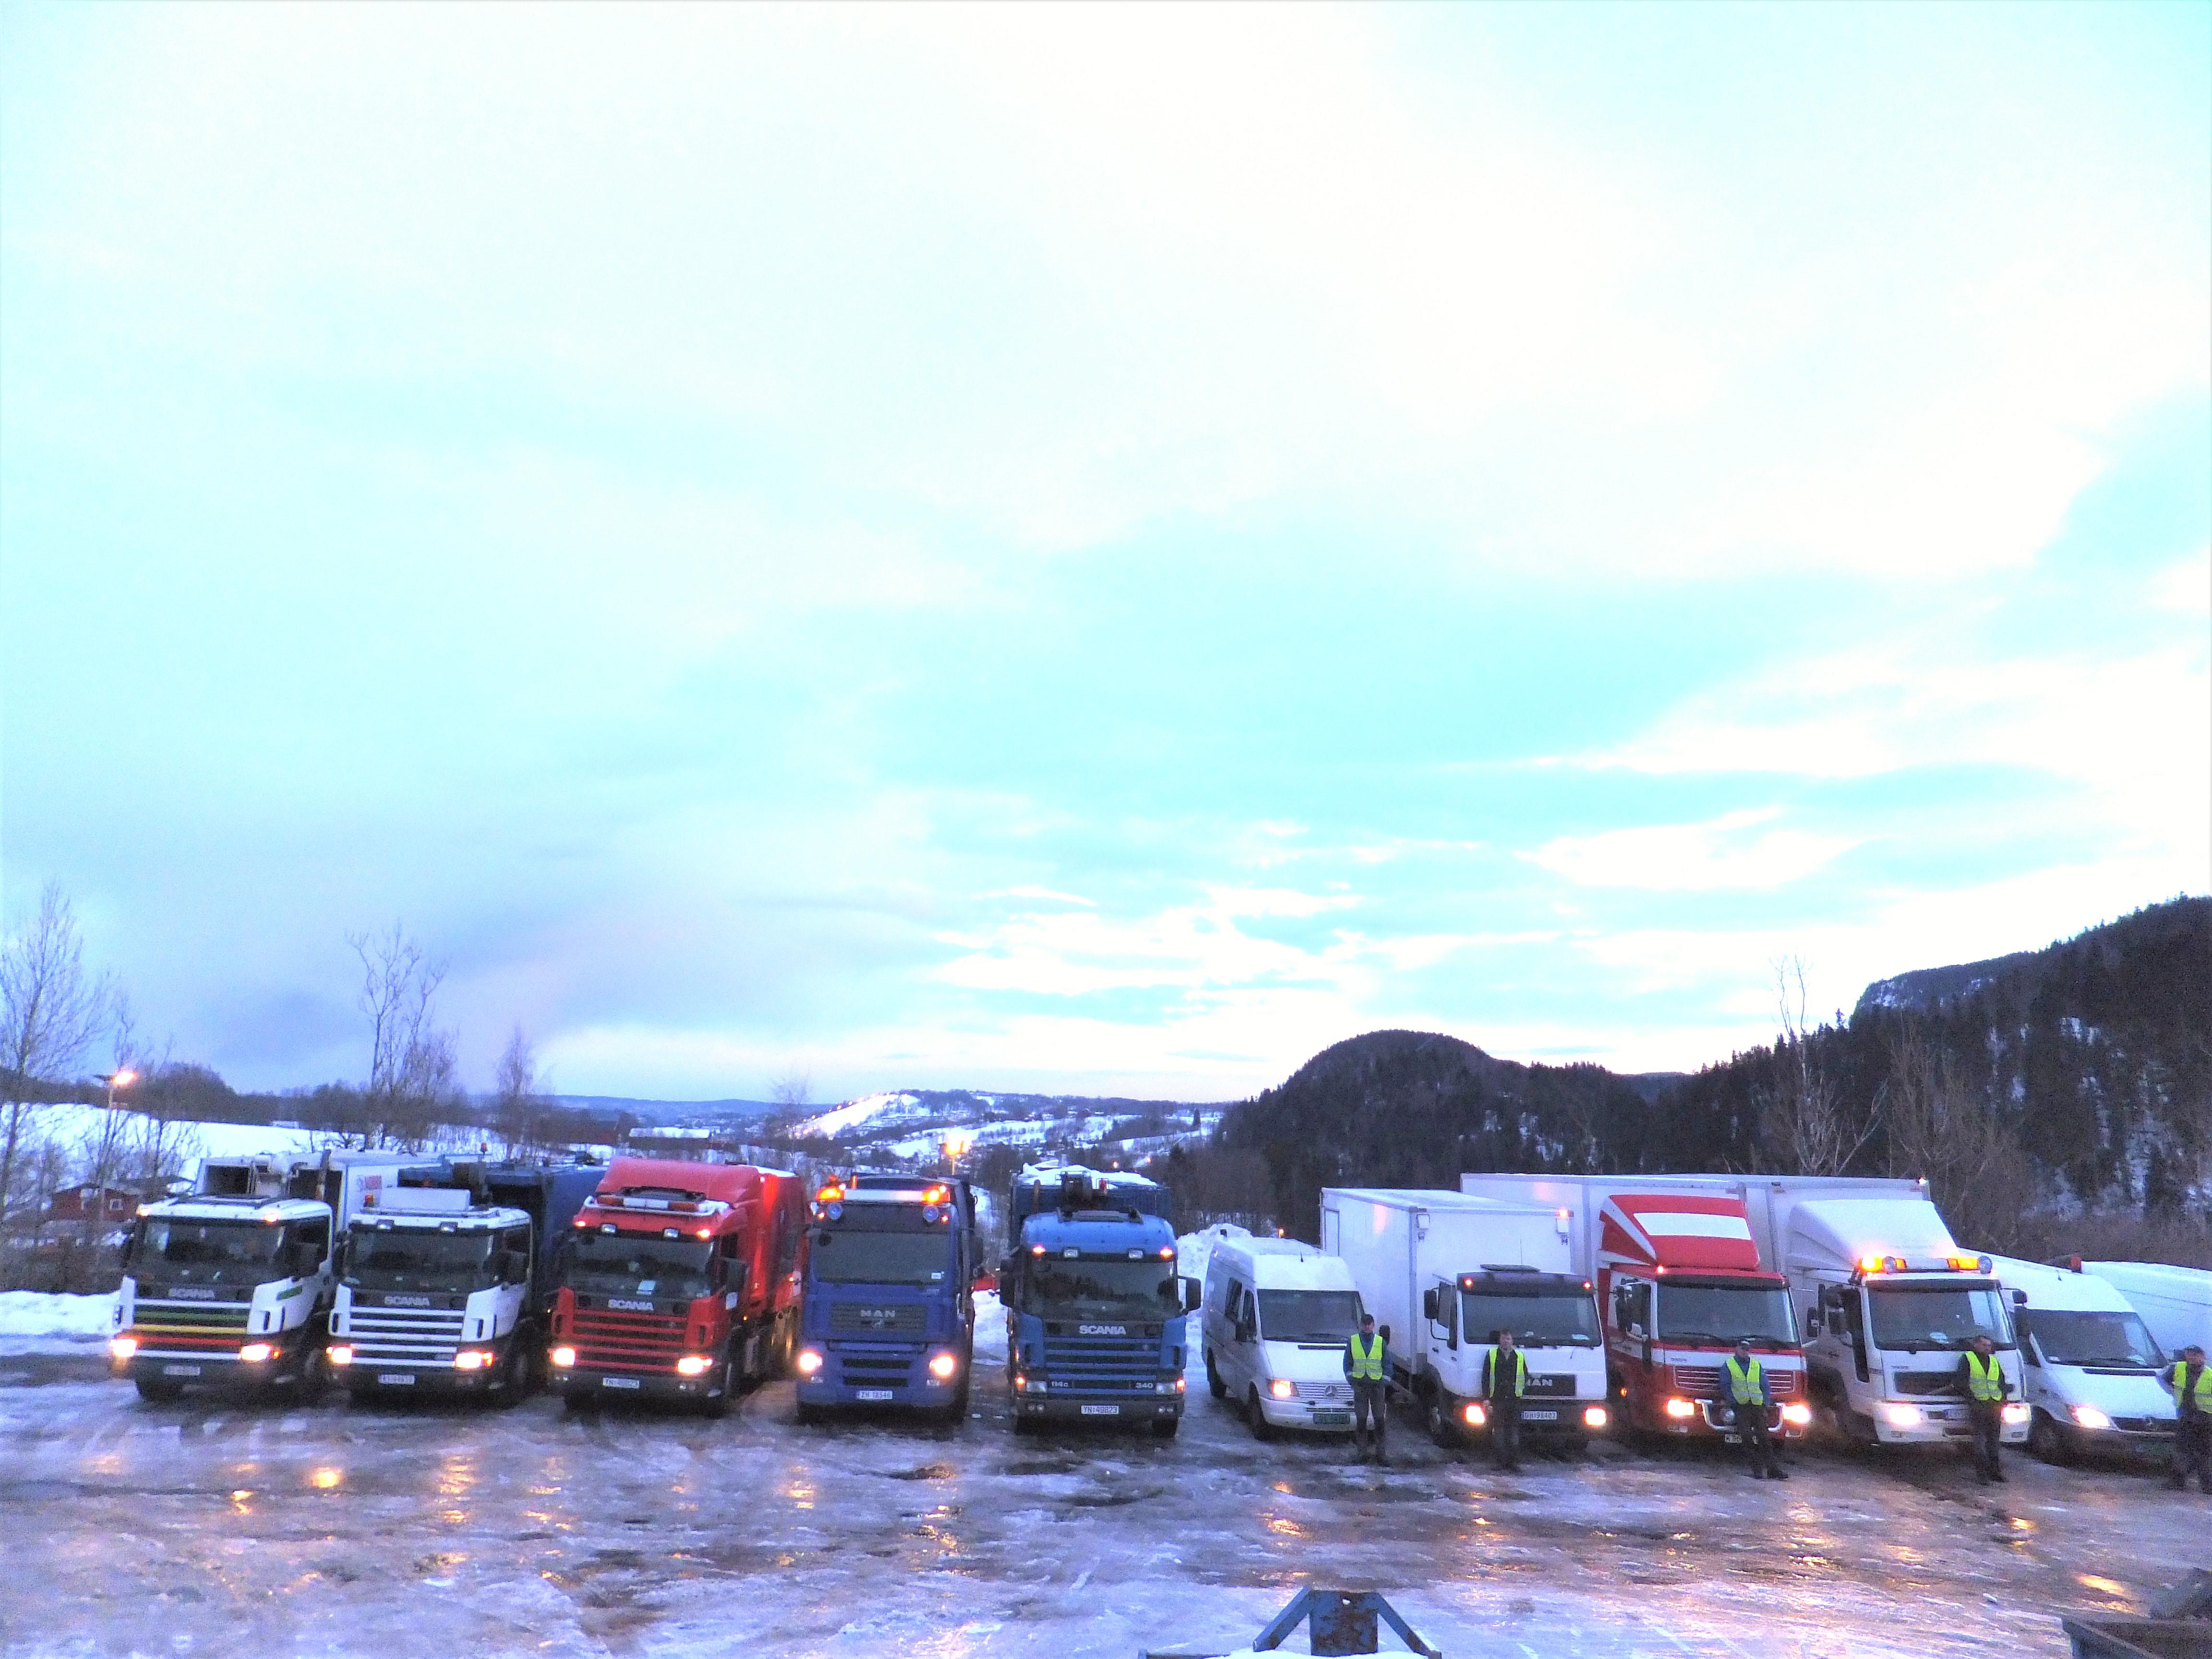 RENOVA - Her er noen av våre biler og mannskap klare for avreise, tidlig en vintermorgen.